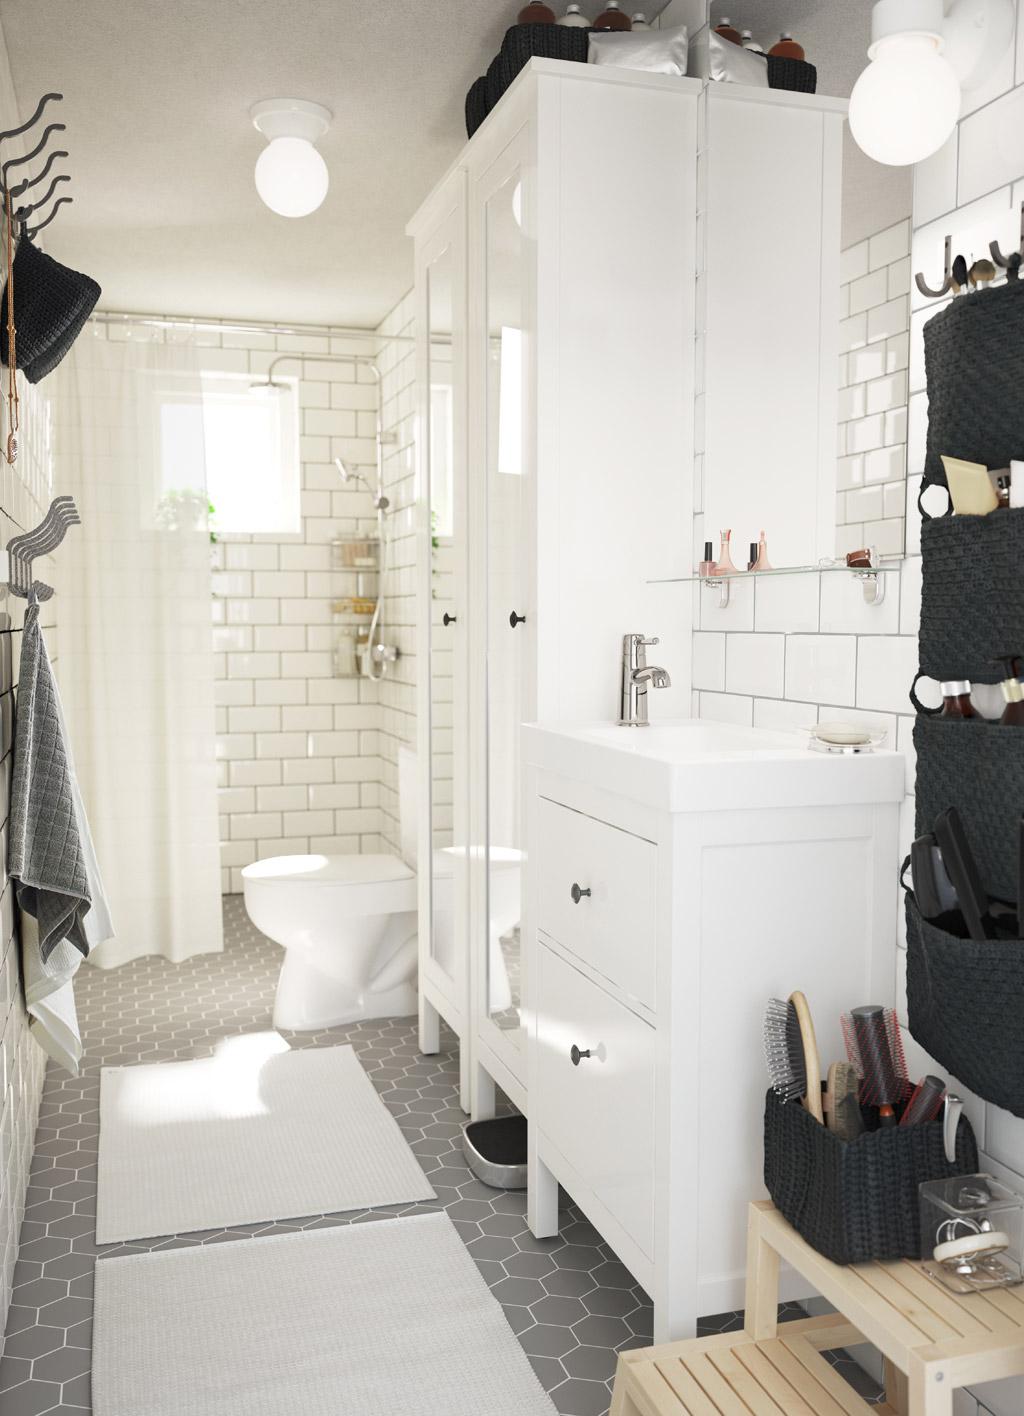 muebles de baño baratos -en color blanco